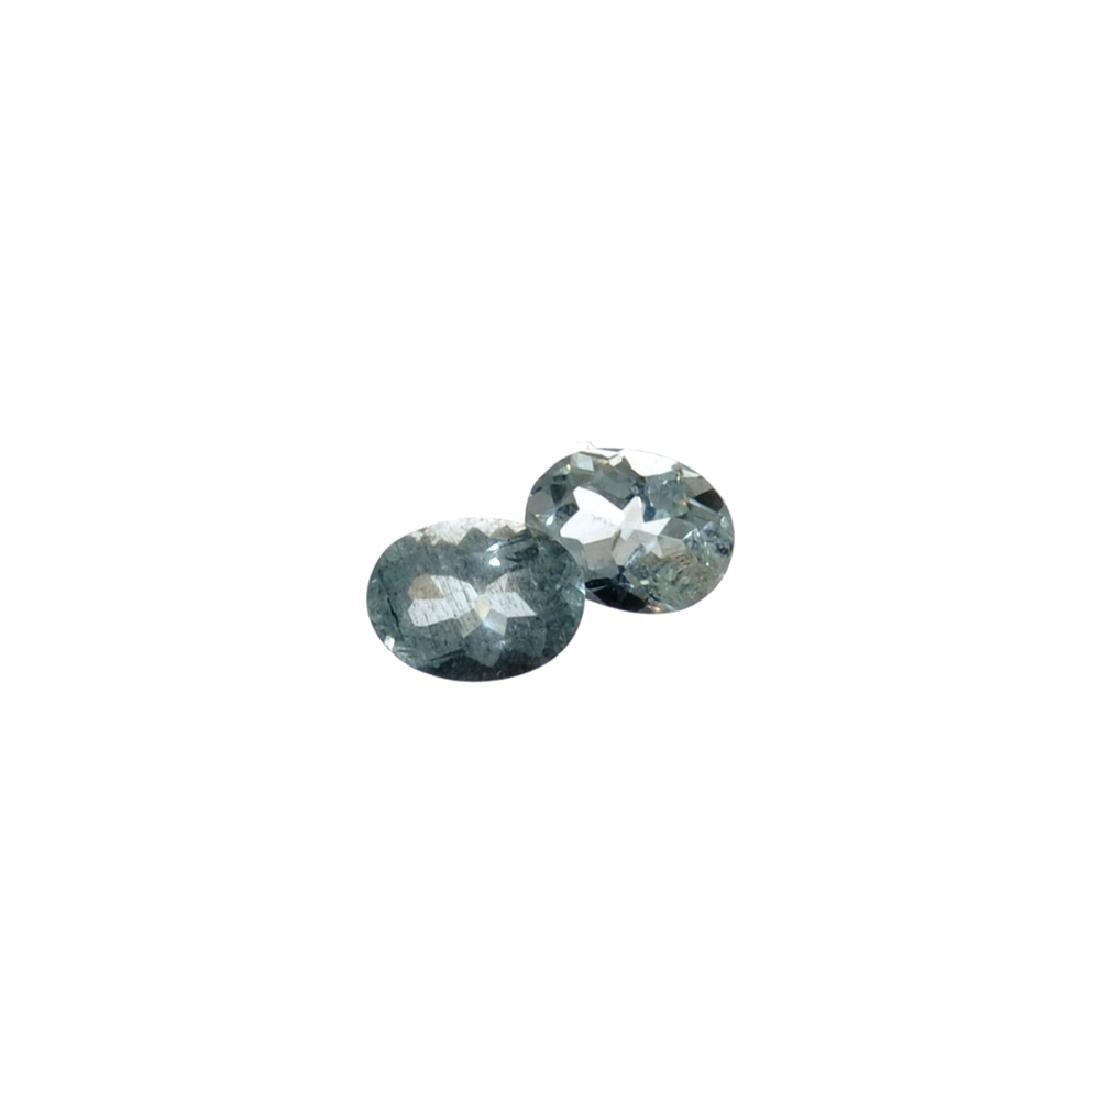 APP: 1.3k 3.16CT Oval Mixed Cut Natural Aquamarine